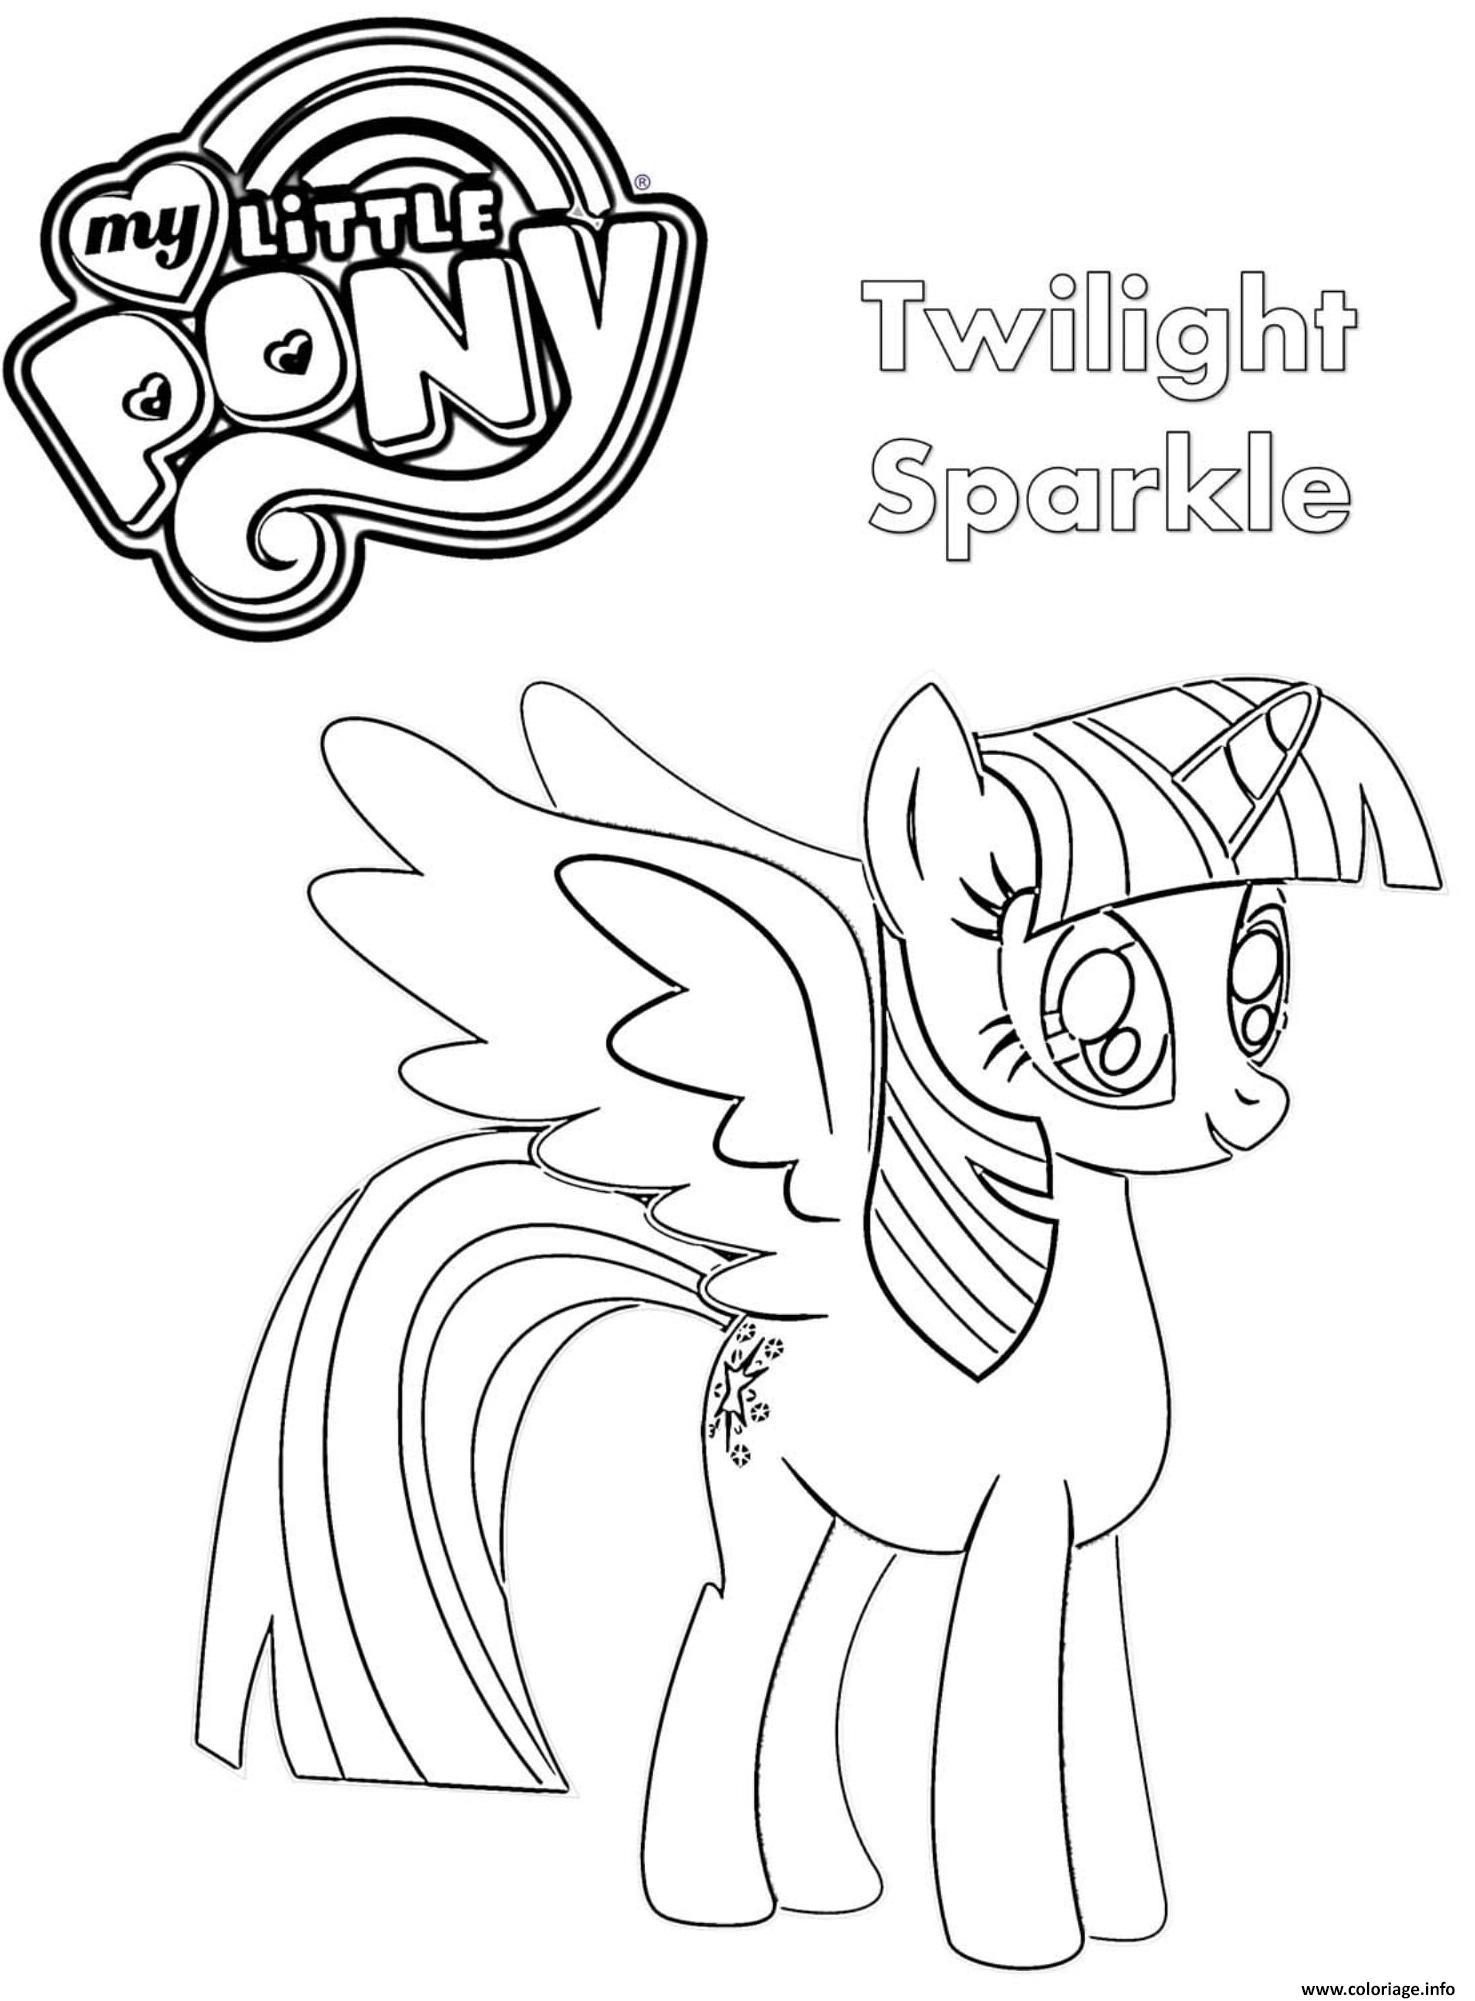 Dessin Twilight Sparkle My Little Pony Coloriage Gratuit à Imprimer